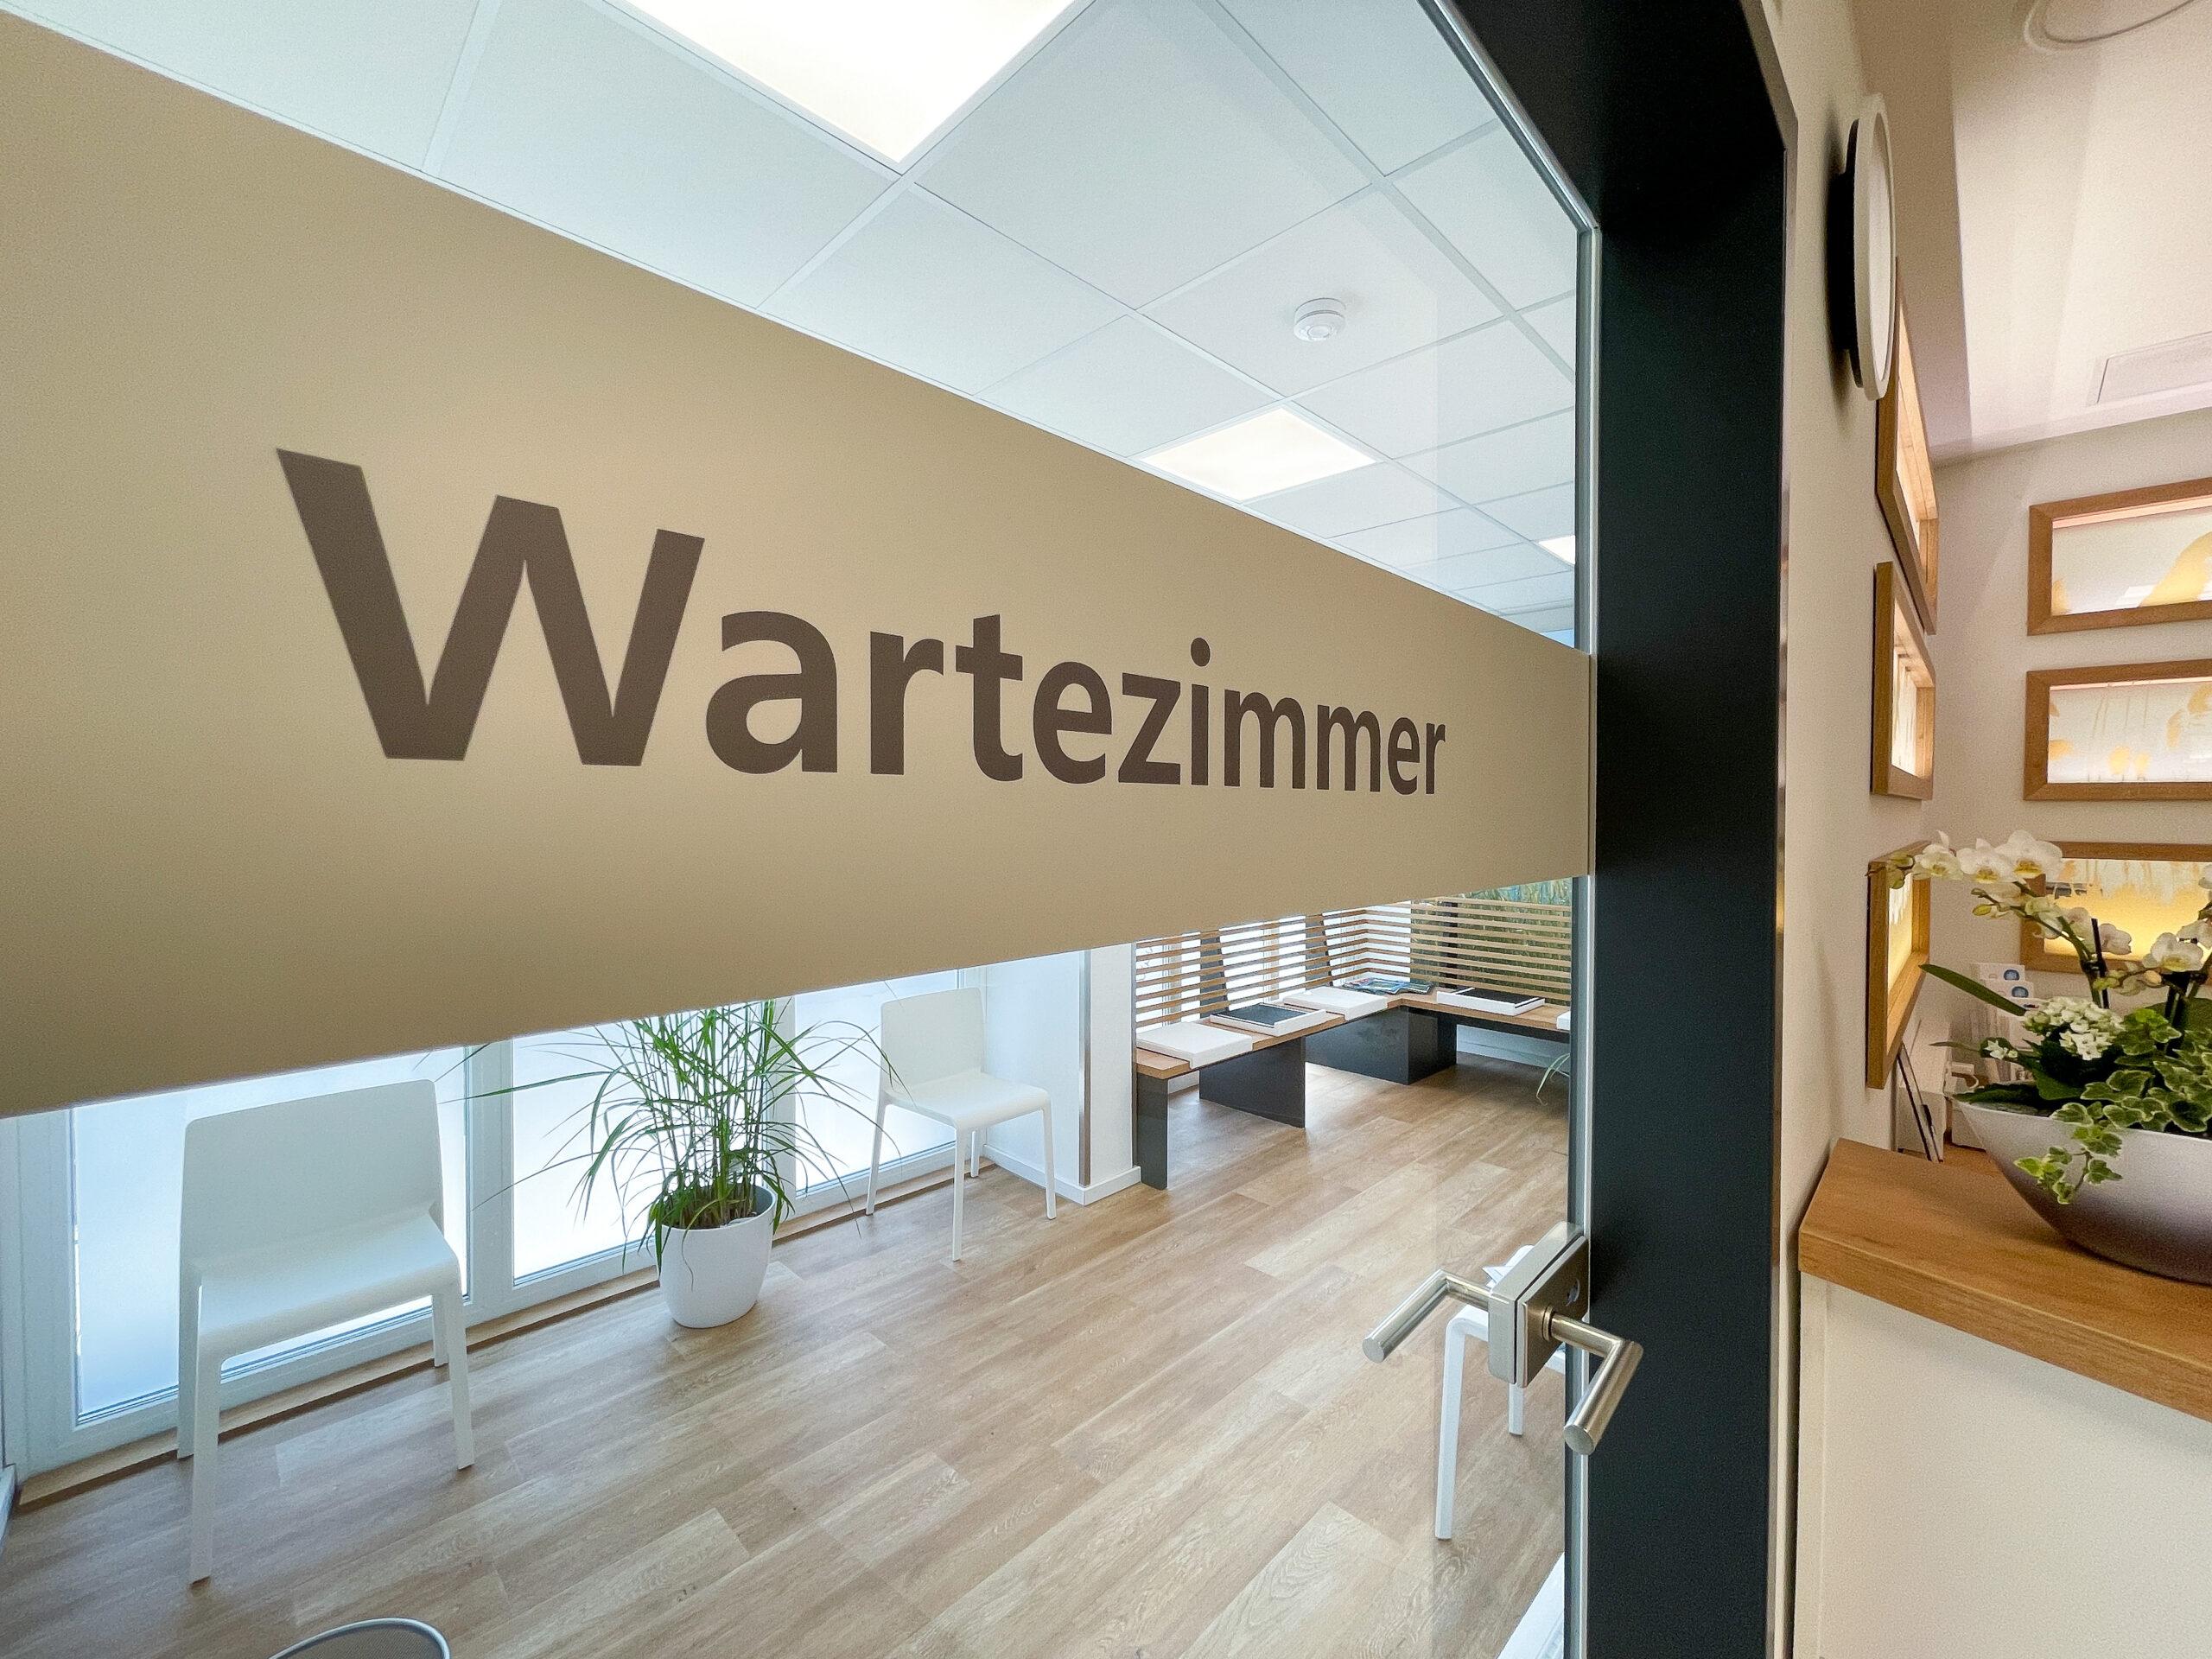 braun-beige Wartezimmer Türbeschriftung an durchsichtiger Glastür